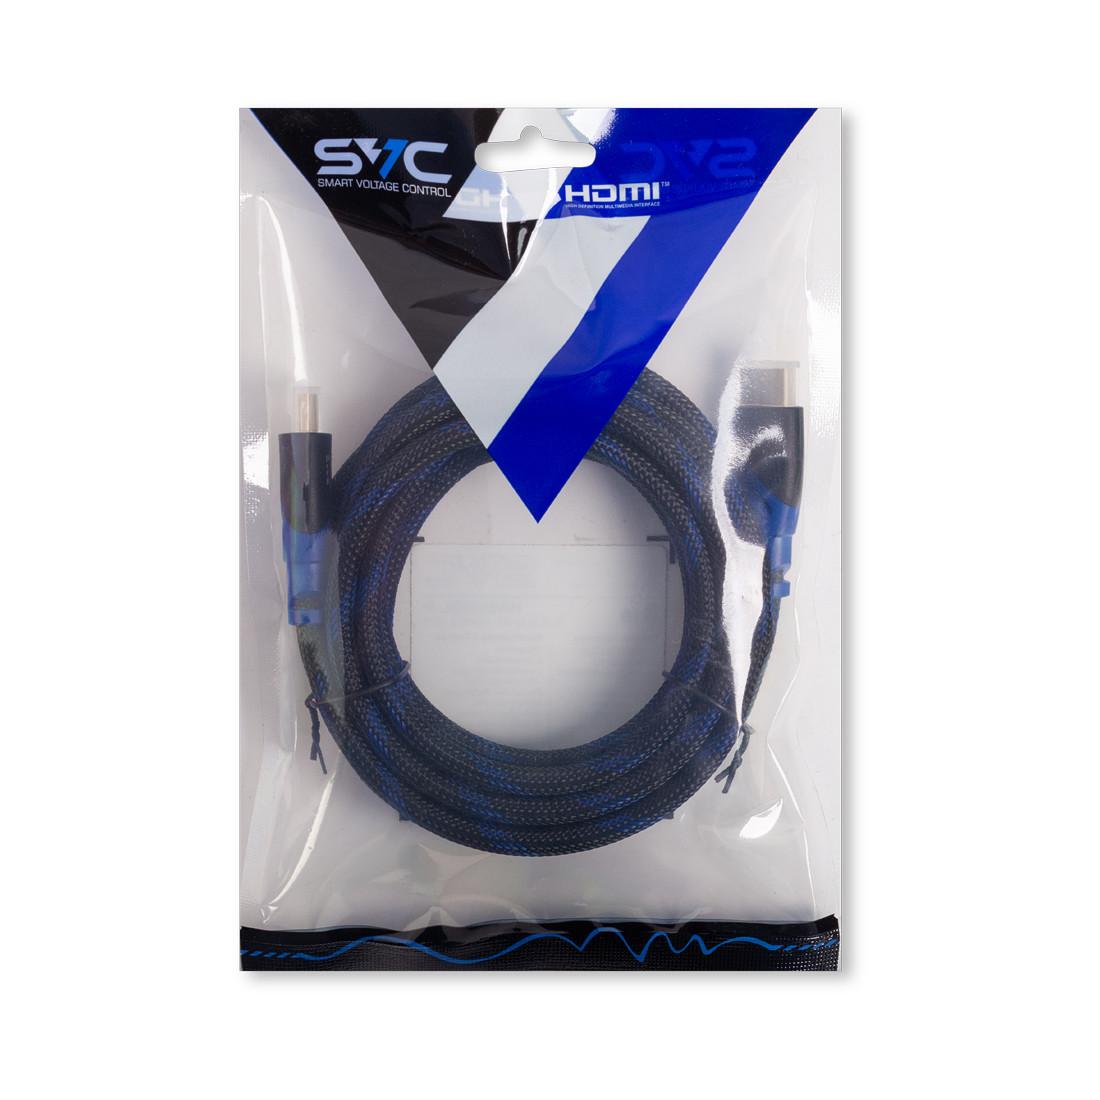 Интерфейсный кабель, HDMI-HDMI, SVC, HR0300BL-P, 30В, Синий, Пол. пакет, 3 м